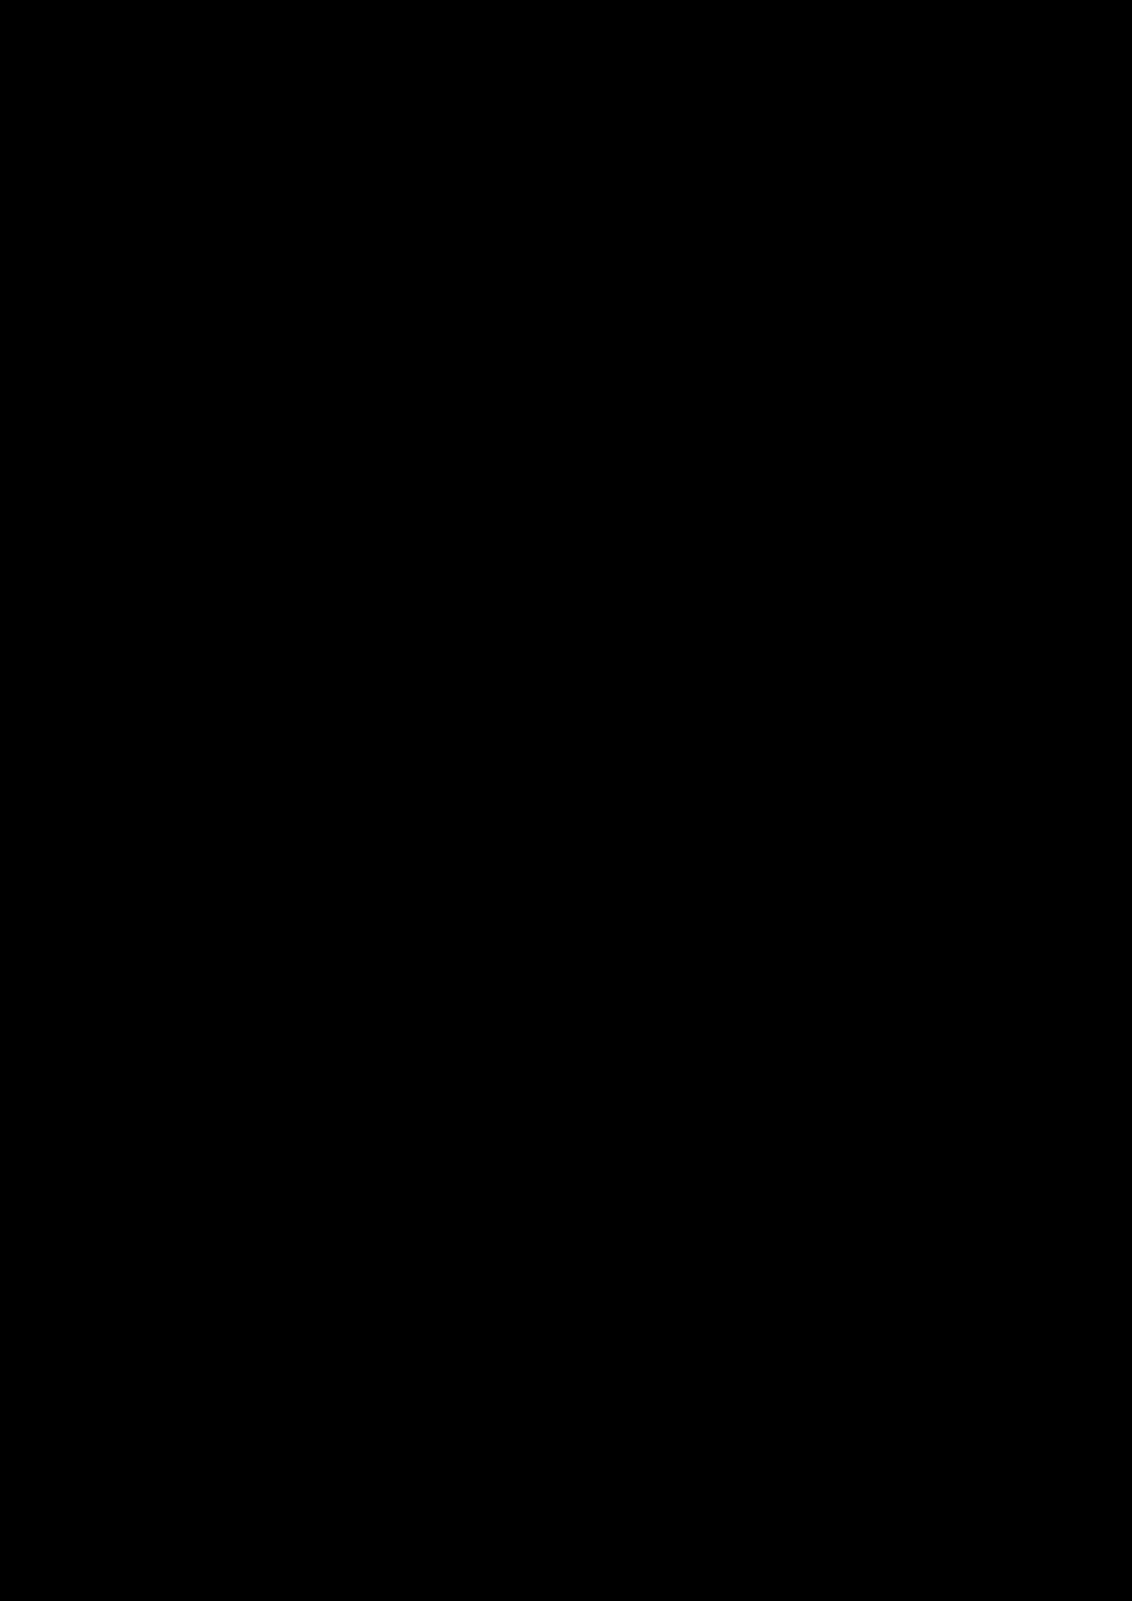 Serdtse slide, Image 30